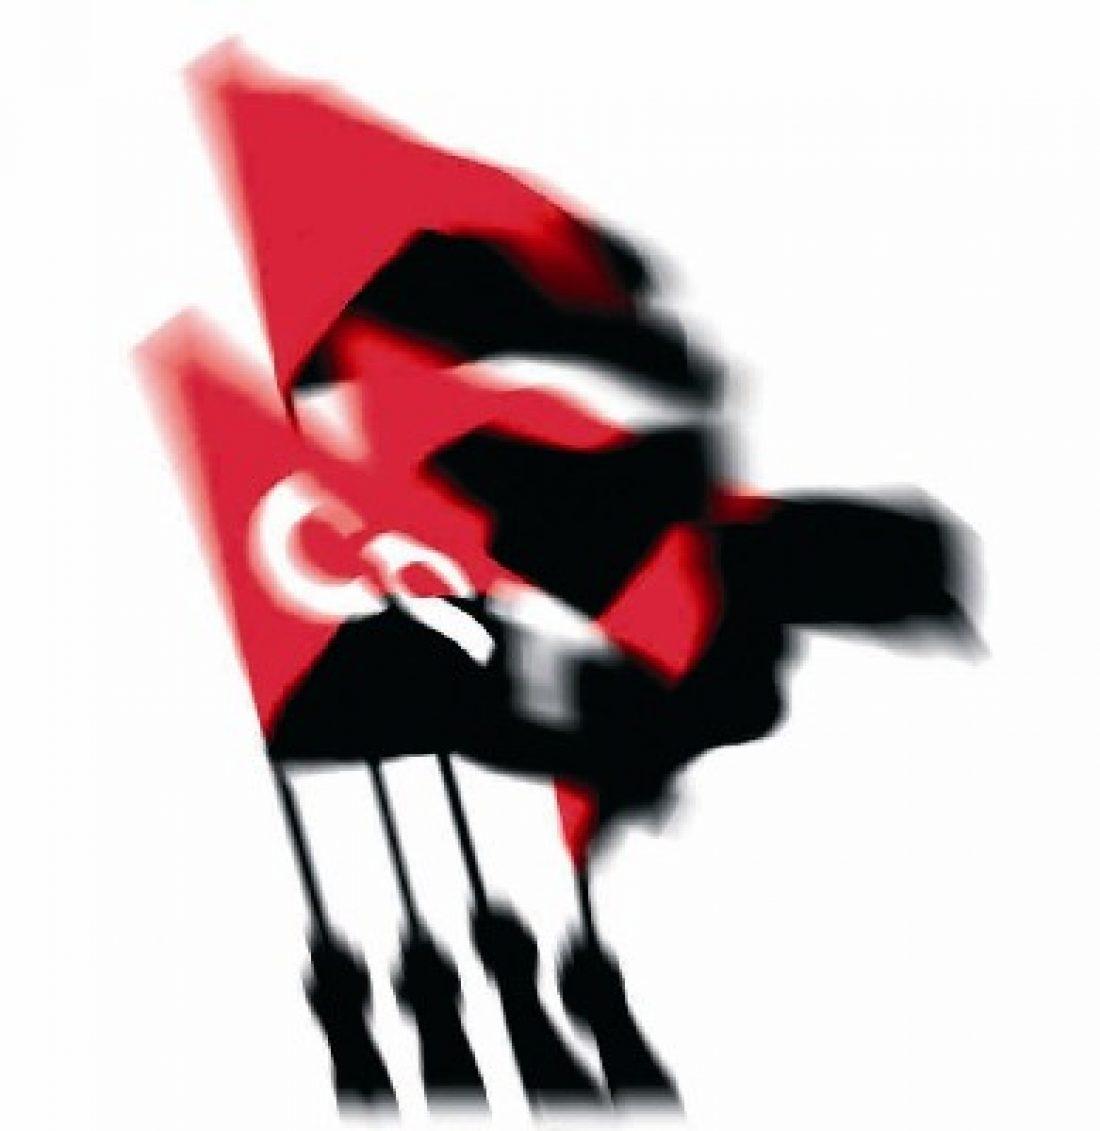 La CGT, una alternativa sindical combativa y necesaria frente a los recortes y el expolio de derechos